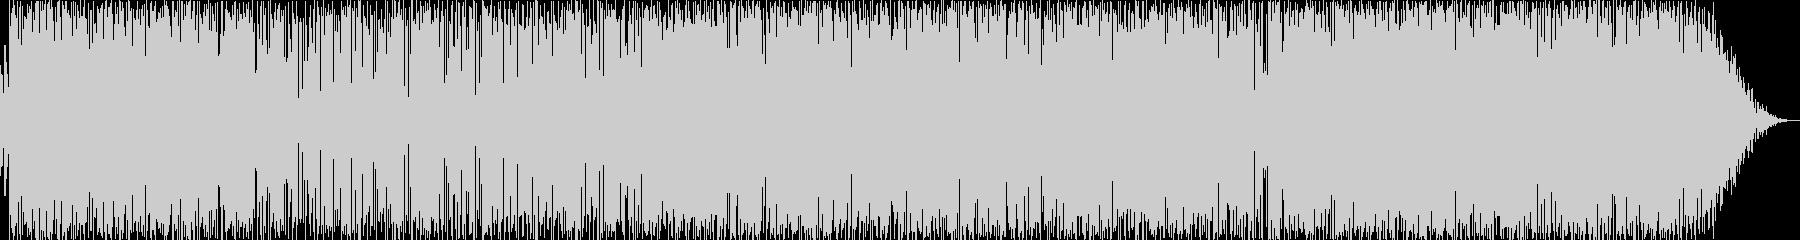 カーオーディオチューニング用音源の未再生の波形